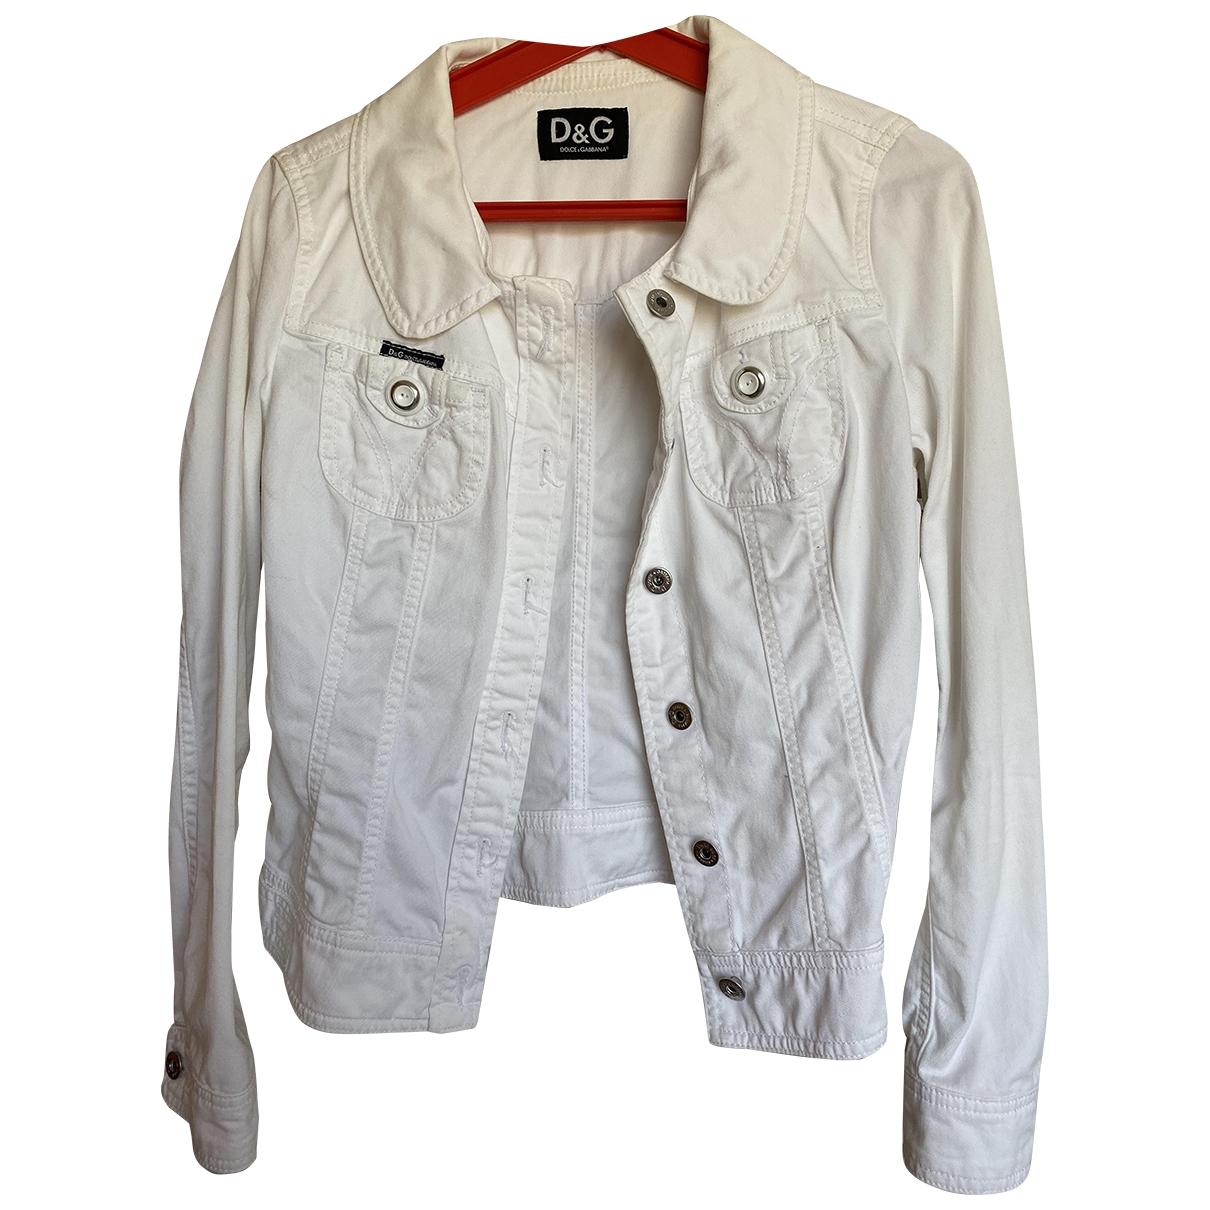 D&g - Blouson   pour femme en coton - blanc